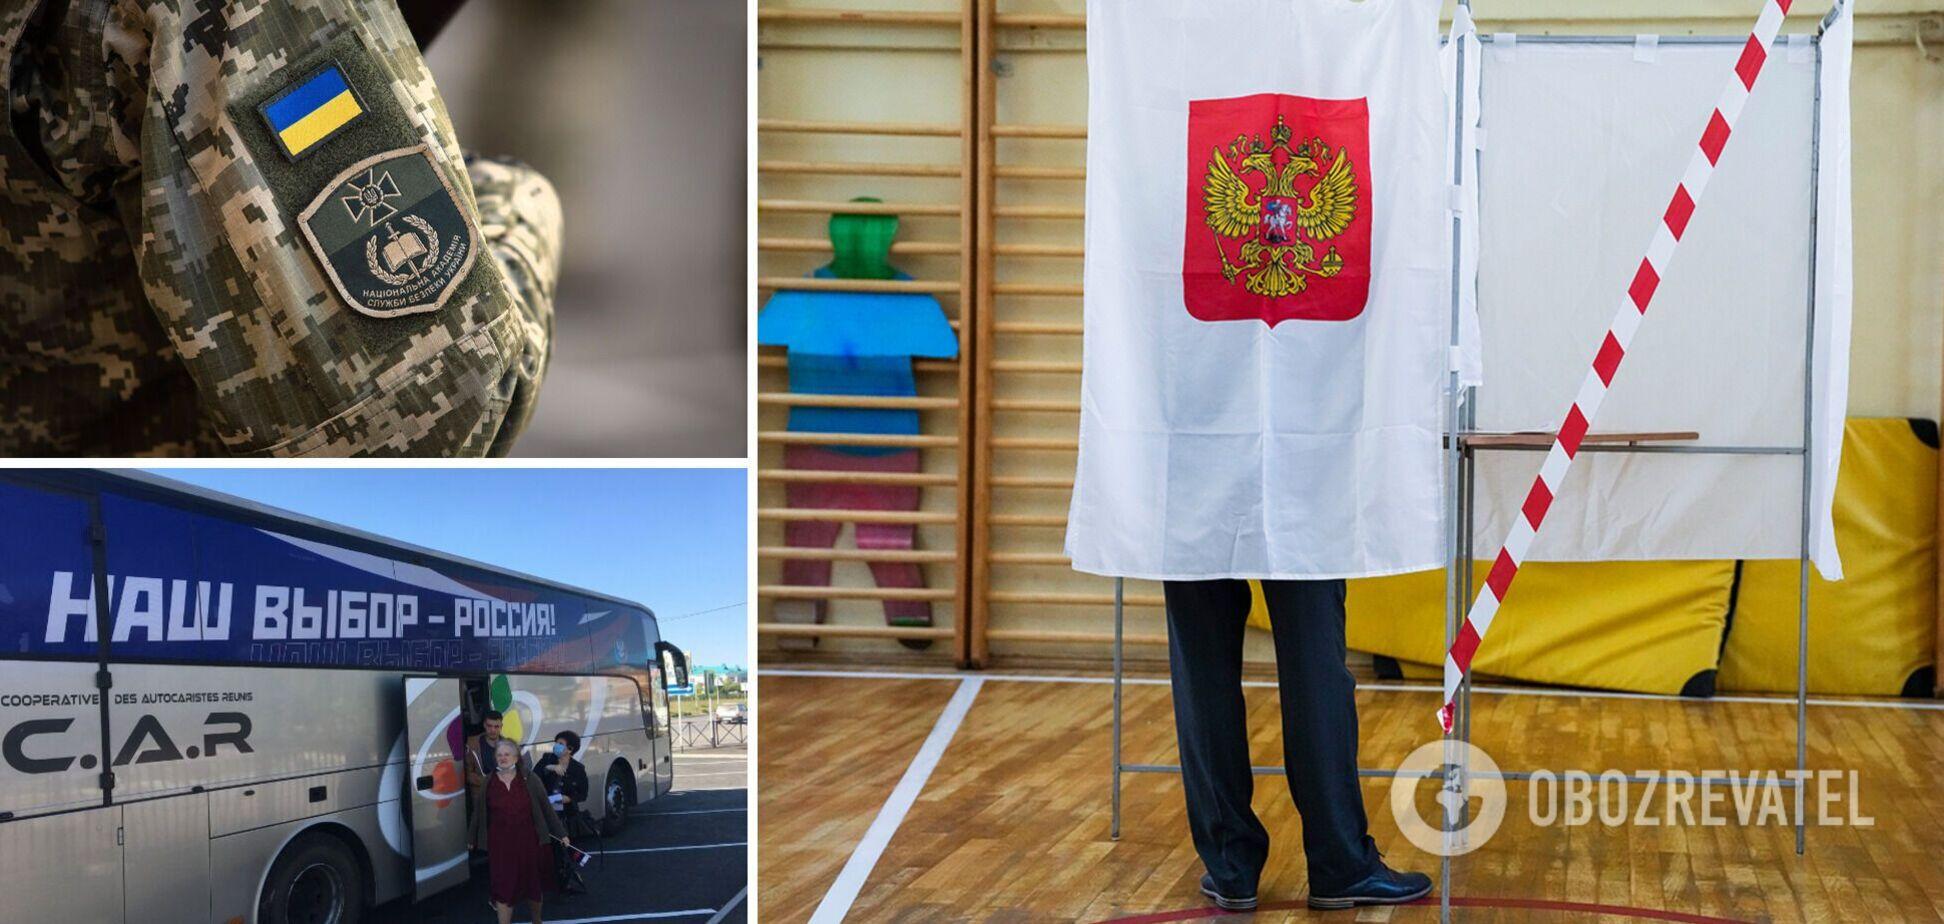 Автобусы курсировали полупустые: СБУ обнародовала доказательства фальсификаций выборов в Госдуму РФ в ОРДЛО. Видео